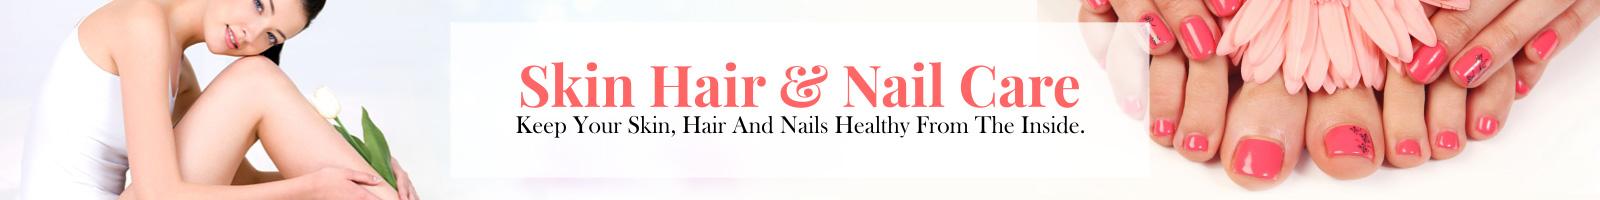 Skin Hair & Nail Care